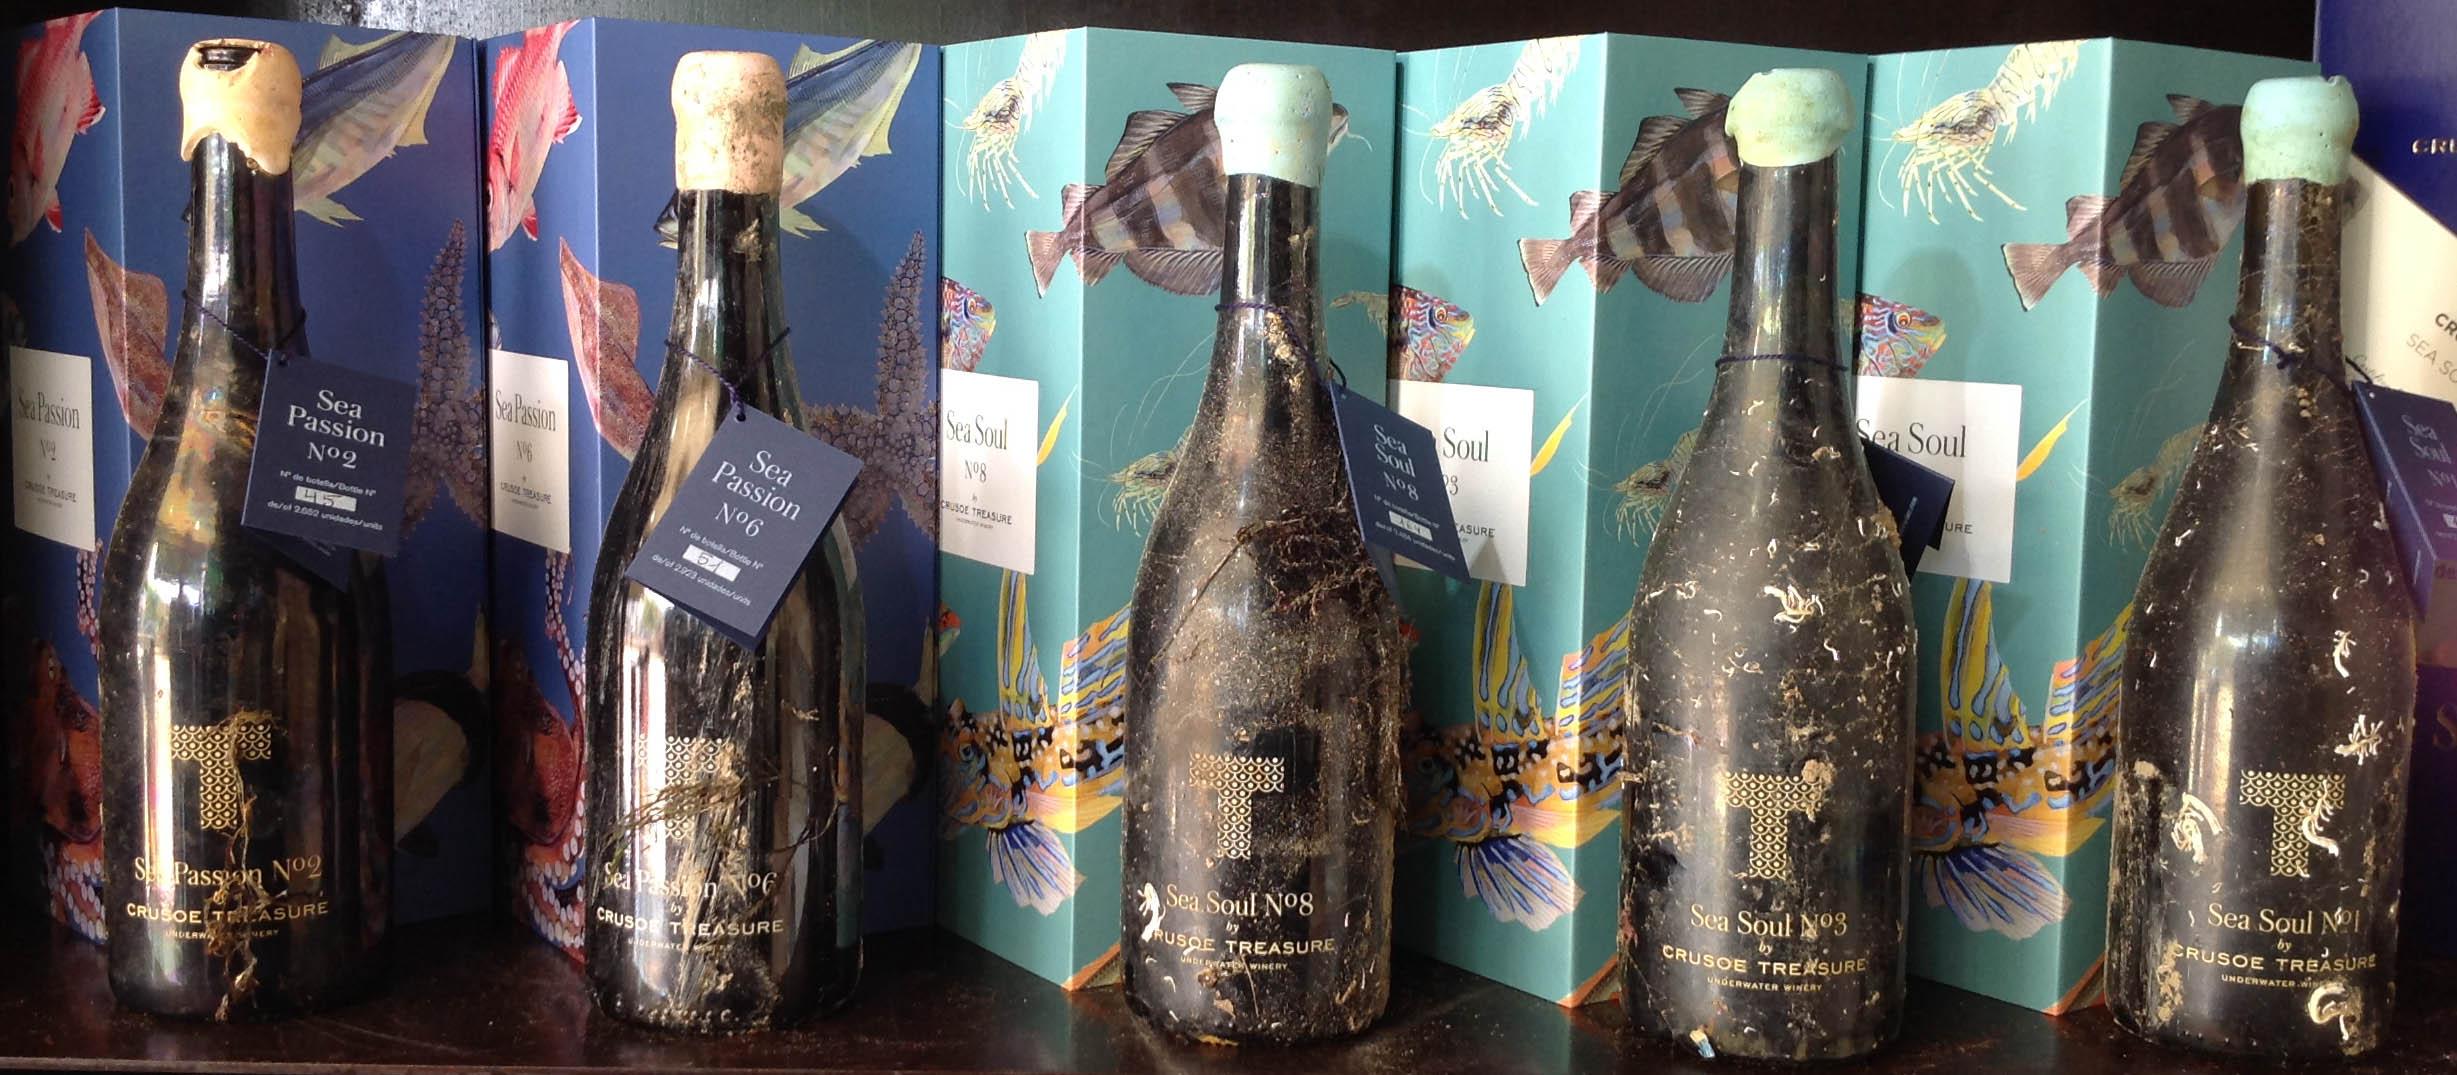 Comprar vino al mejor precio de Bodega Crusoe Treasure